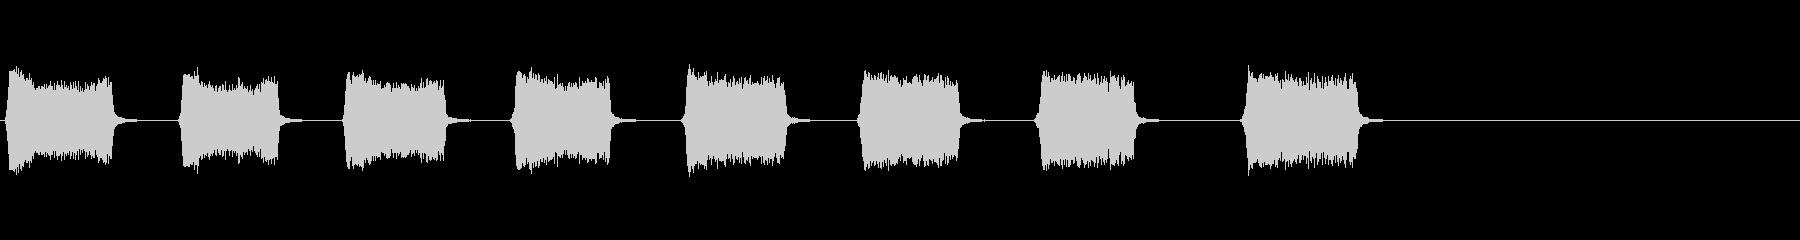 コンプレッサーからのミディアムエア...の未再生の波形